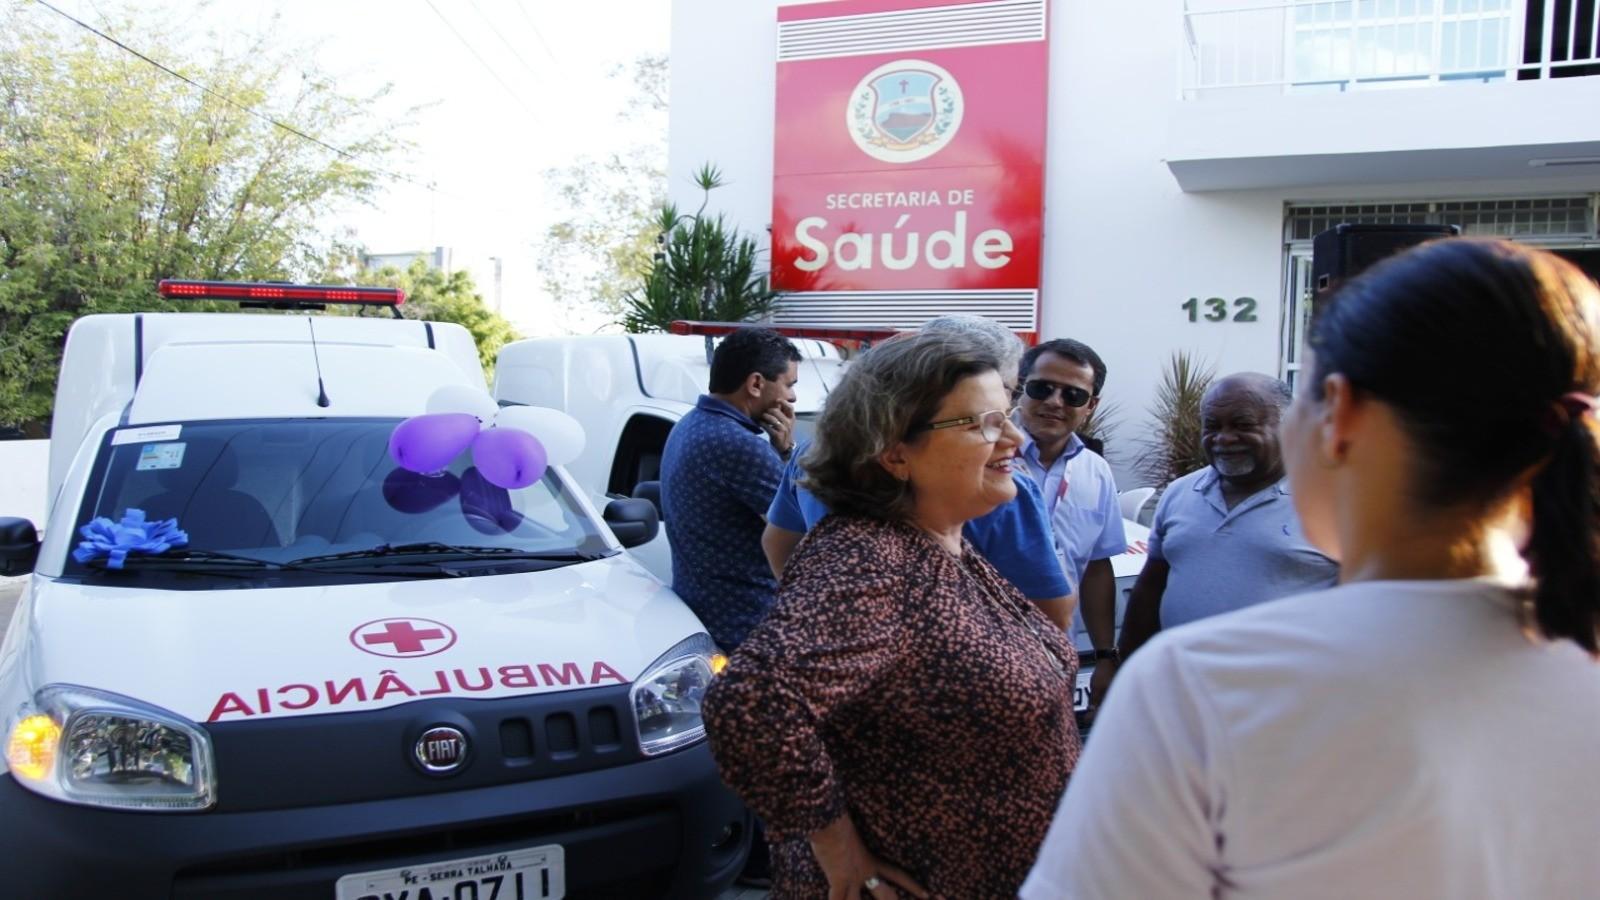 Prefeitura entrega ambulâncias à Secretaria de Saúde e anuncia novo investimento - Notícias - Plantão Diário